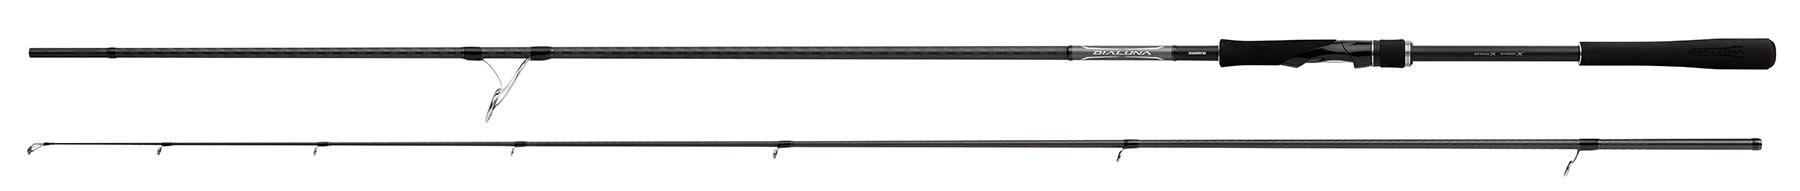 Удилище SHIMANO Dialuna S96M (+ Леска в подарок!) удилище спиннинговое shimano diaflash bx 7 0 ul леска в подарок